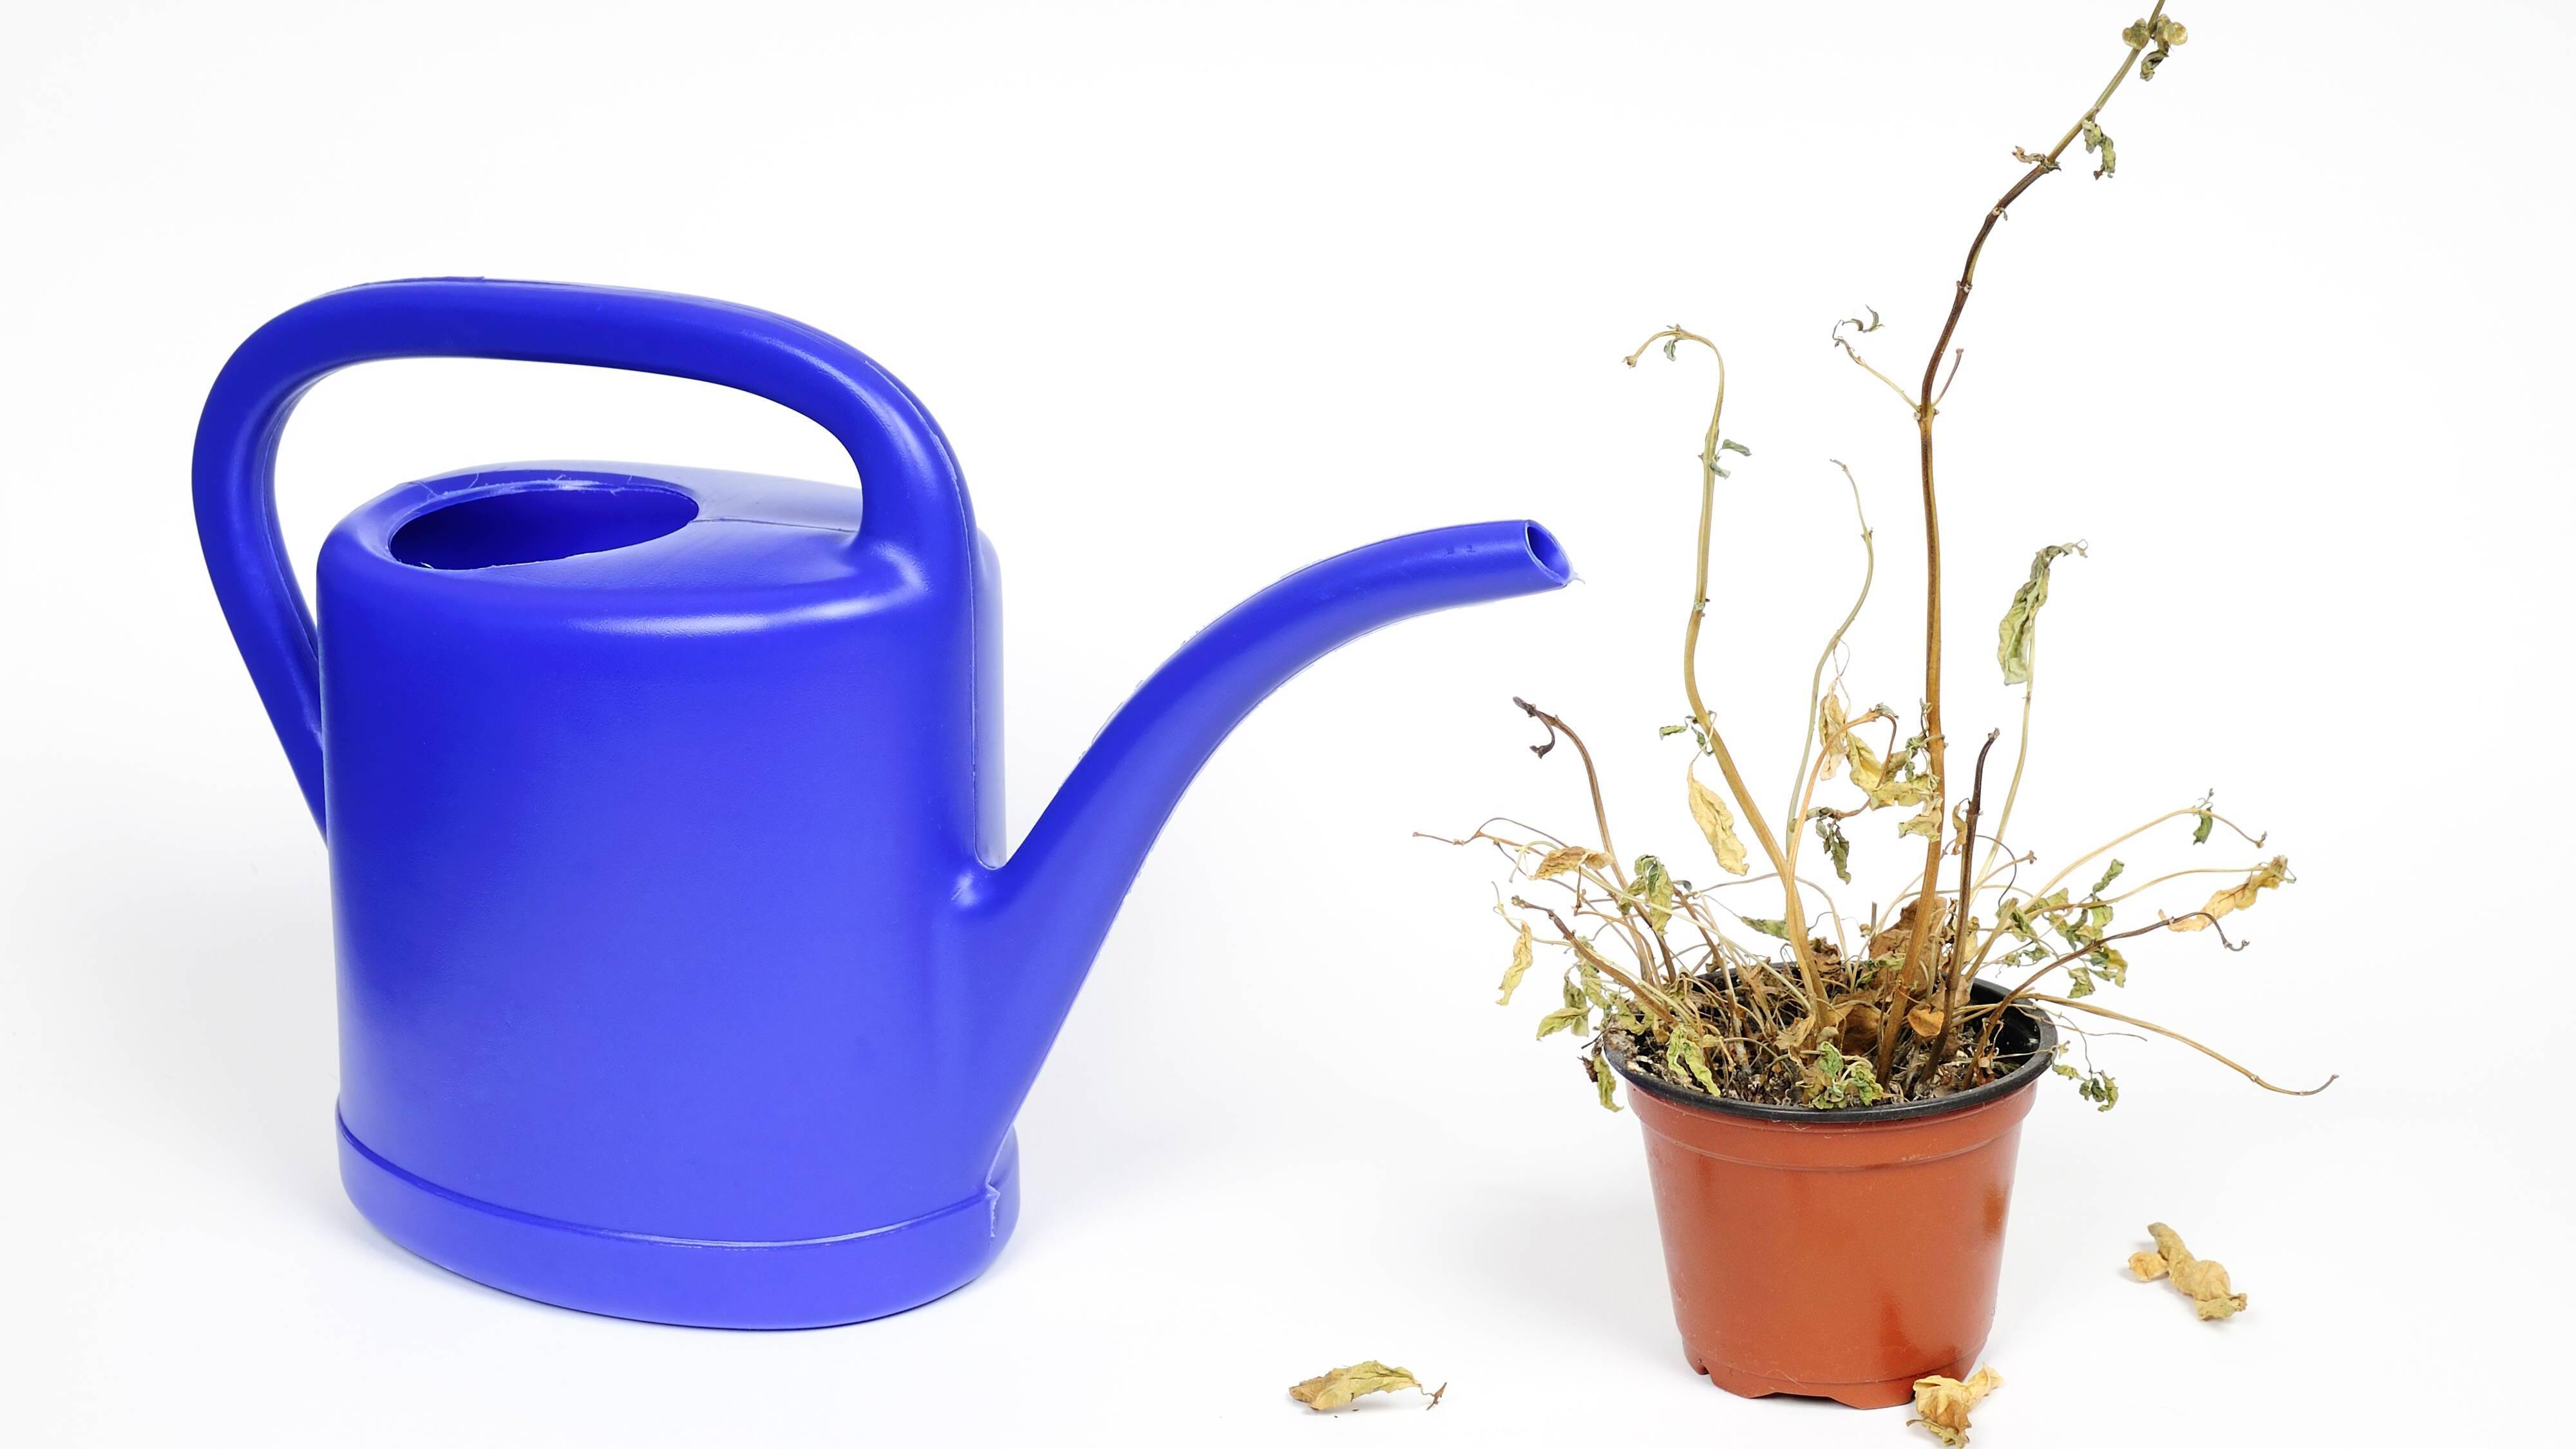 Pflanzen retten: Wie Sie vertrocknete Pflanzen wiederbeleben